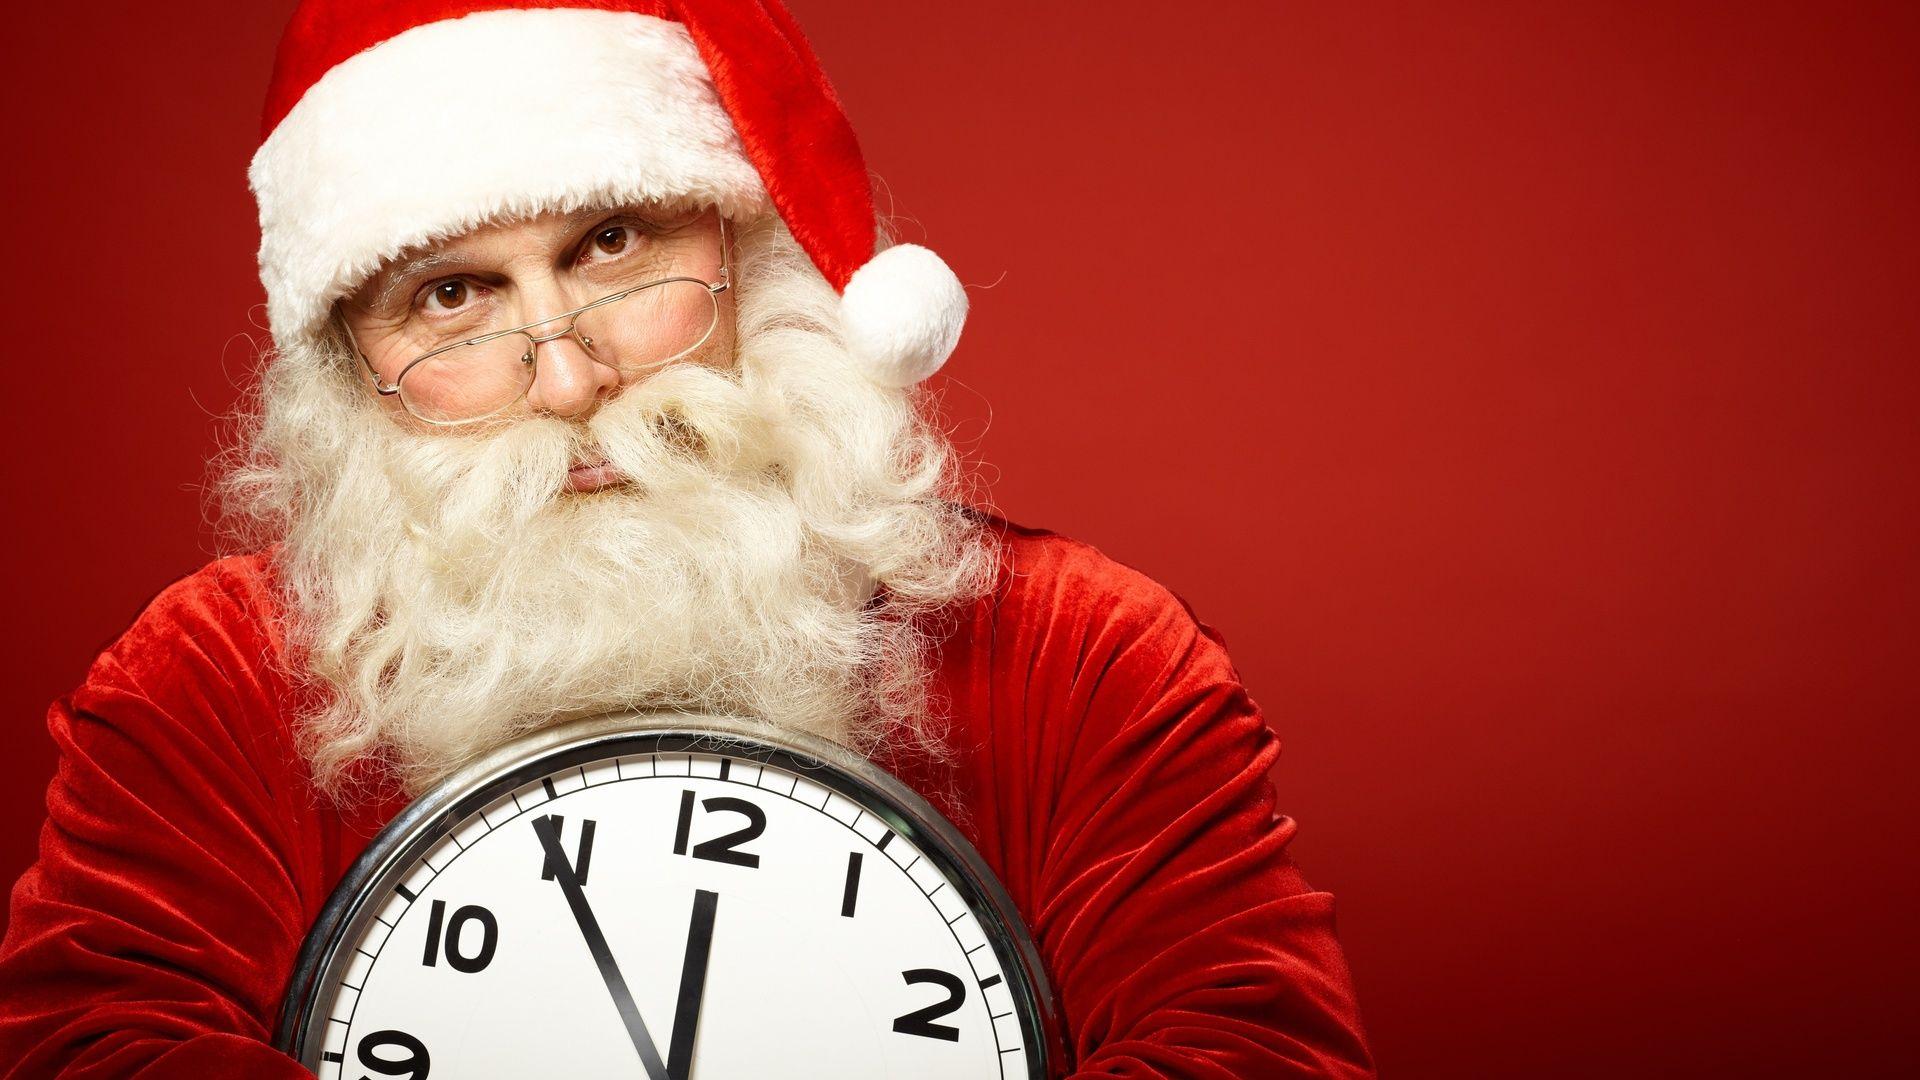 Santa Claus Wallpaper Theme